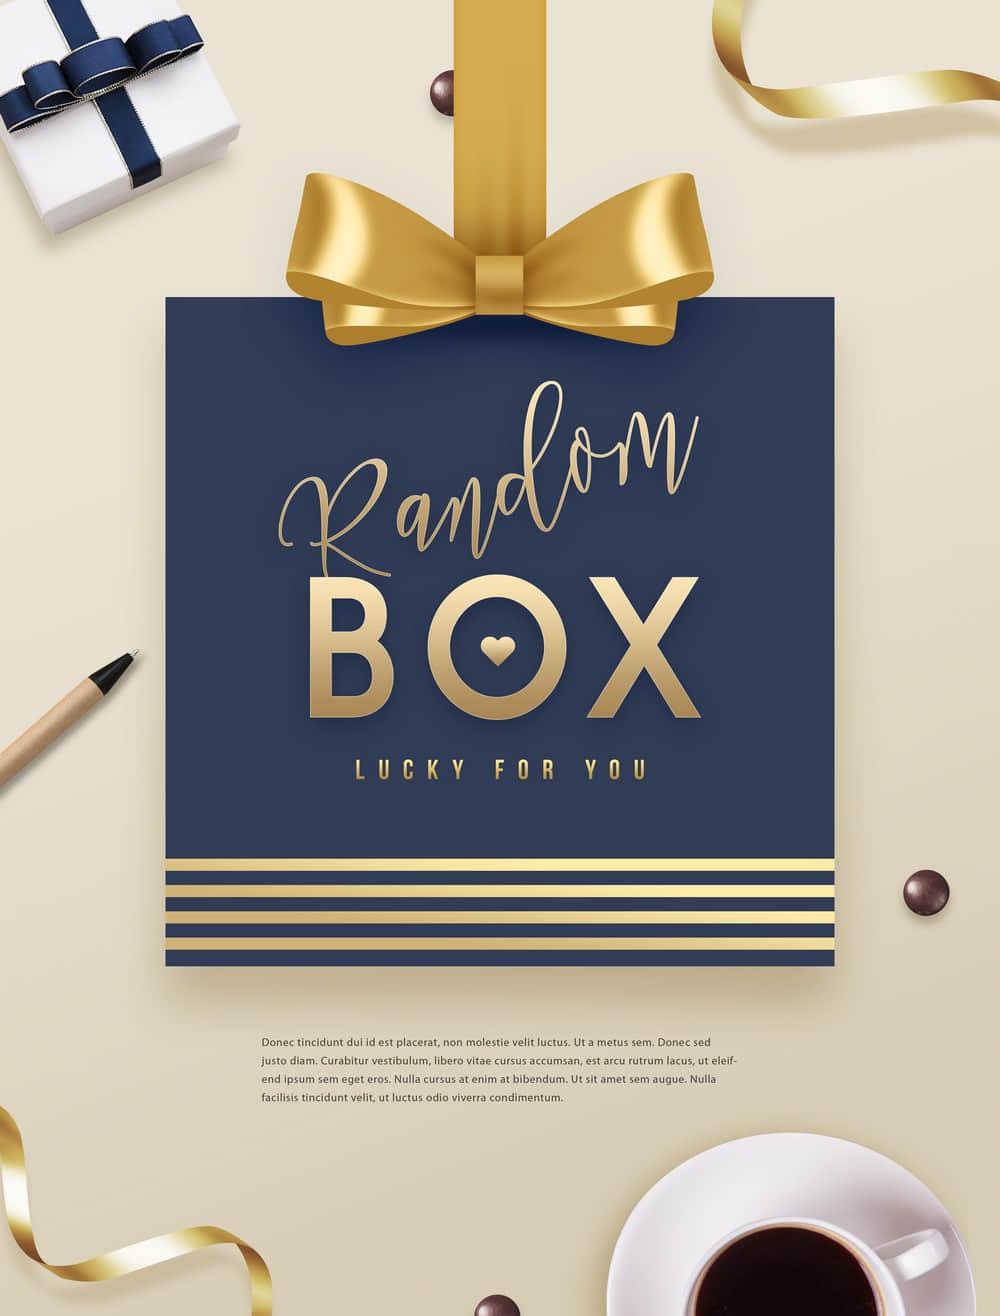 礼物盒子神秘惊喜促销海报优惠券卡片